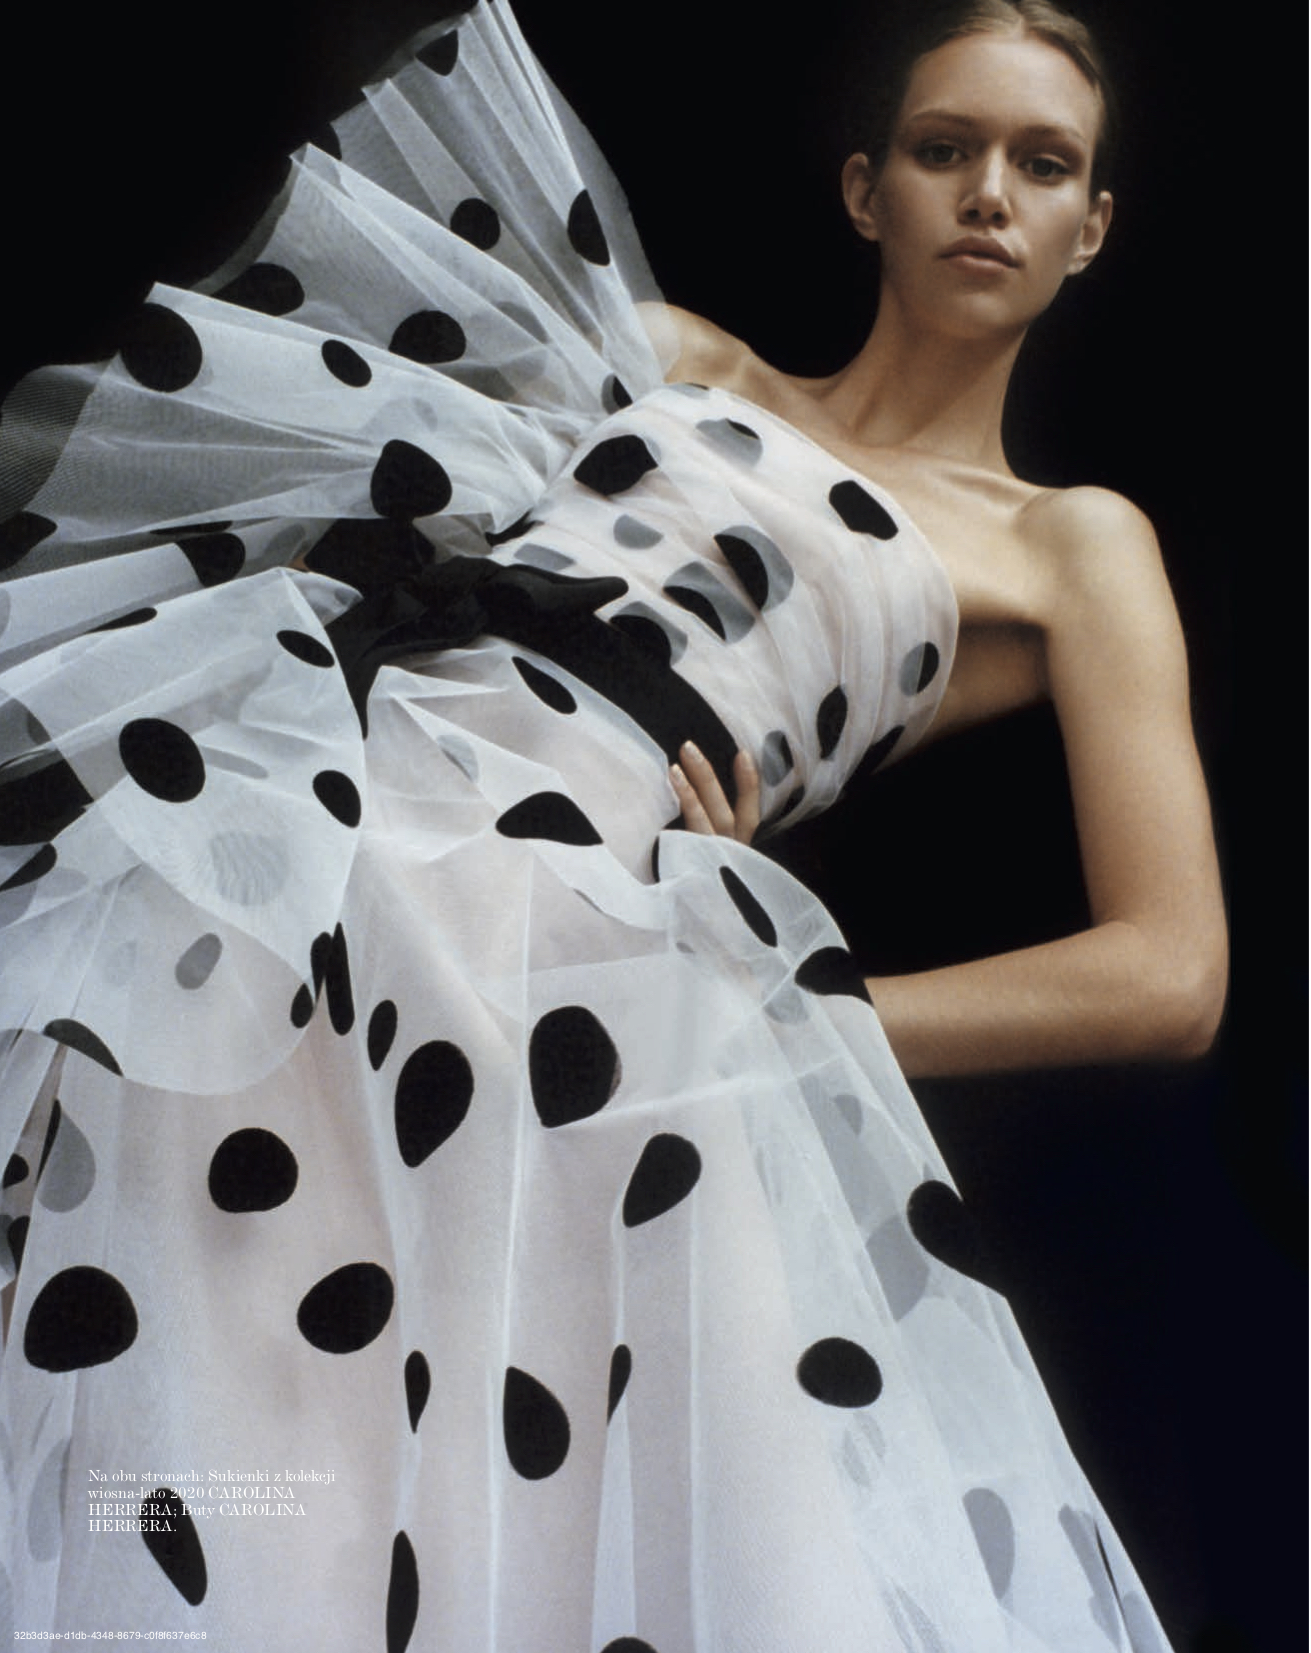 Nikki McGuire for Vogue Poland